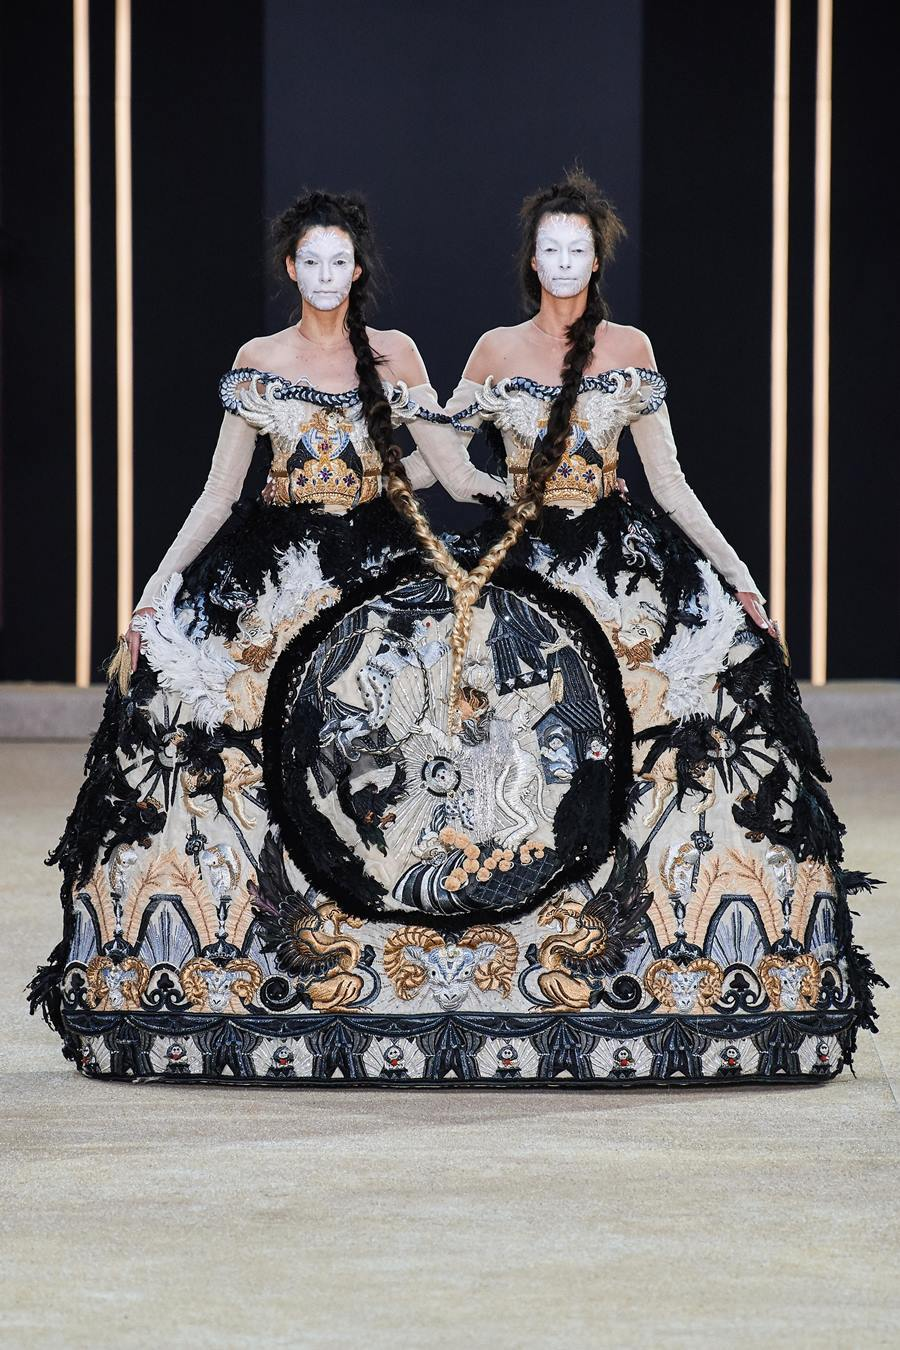 Váy hình quan tài truyền thông điệp cái chết của nhà thiết kế Trung Quốc